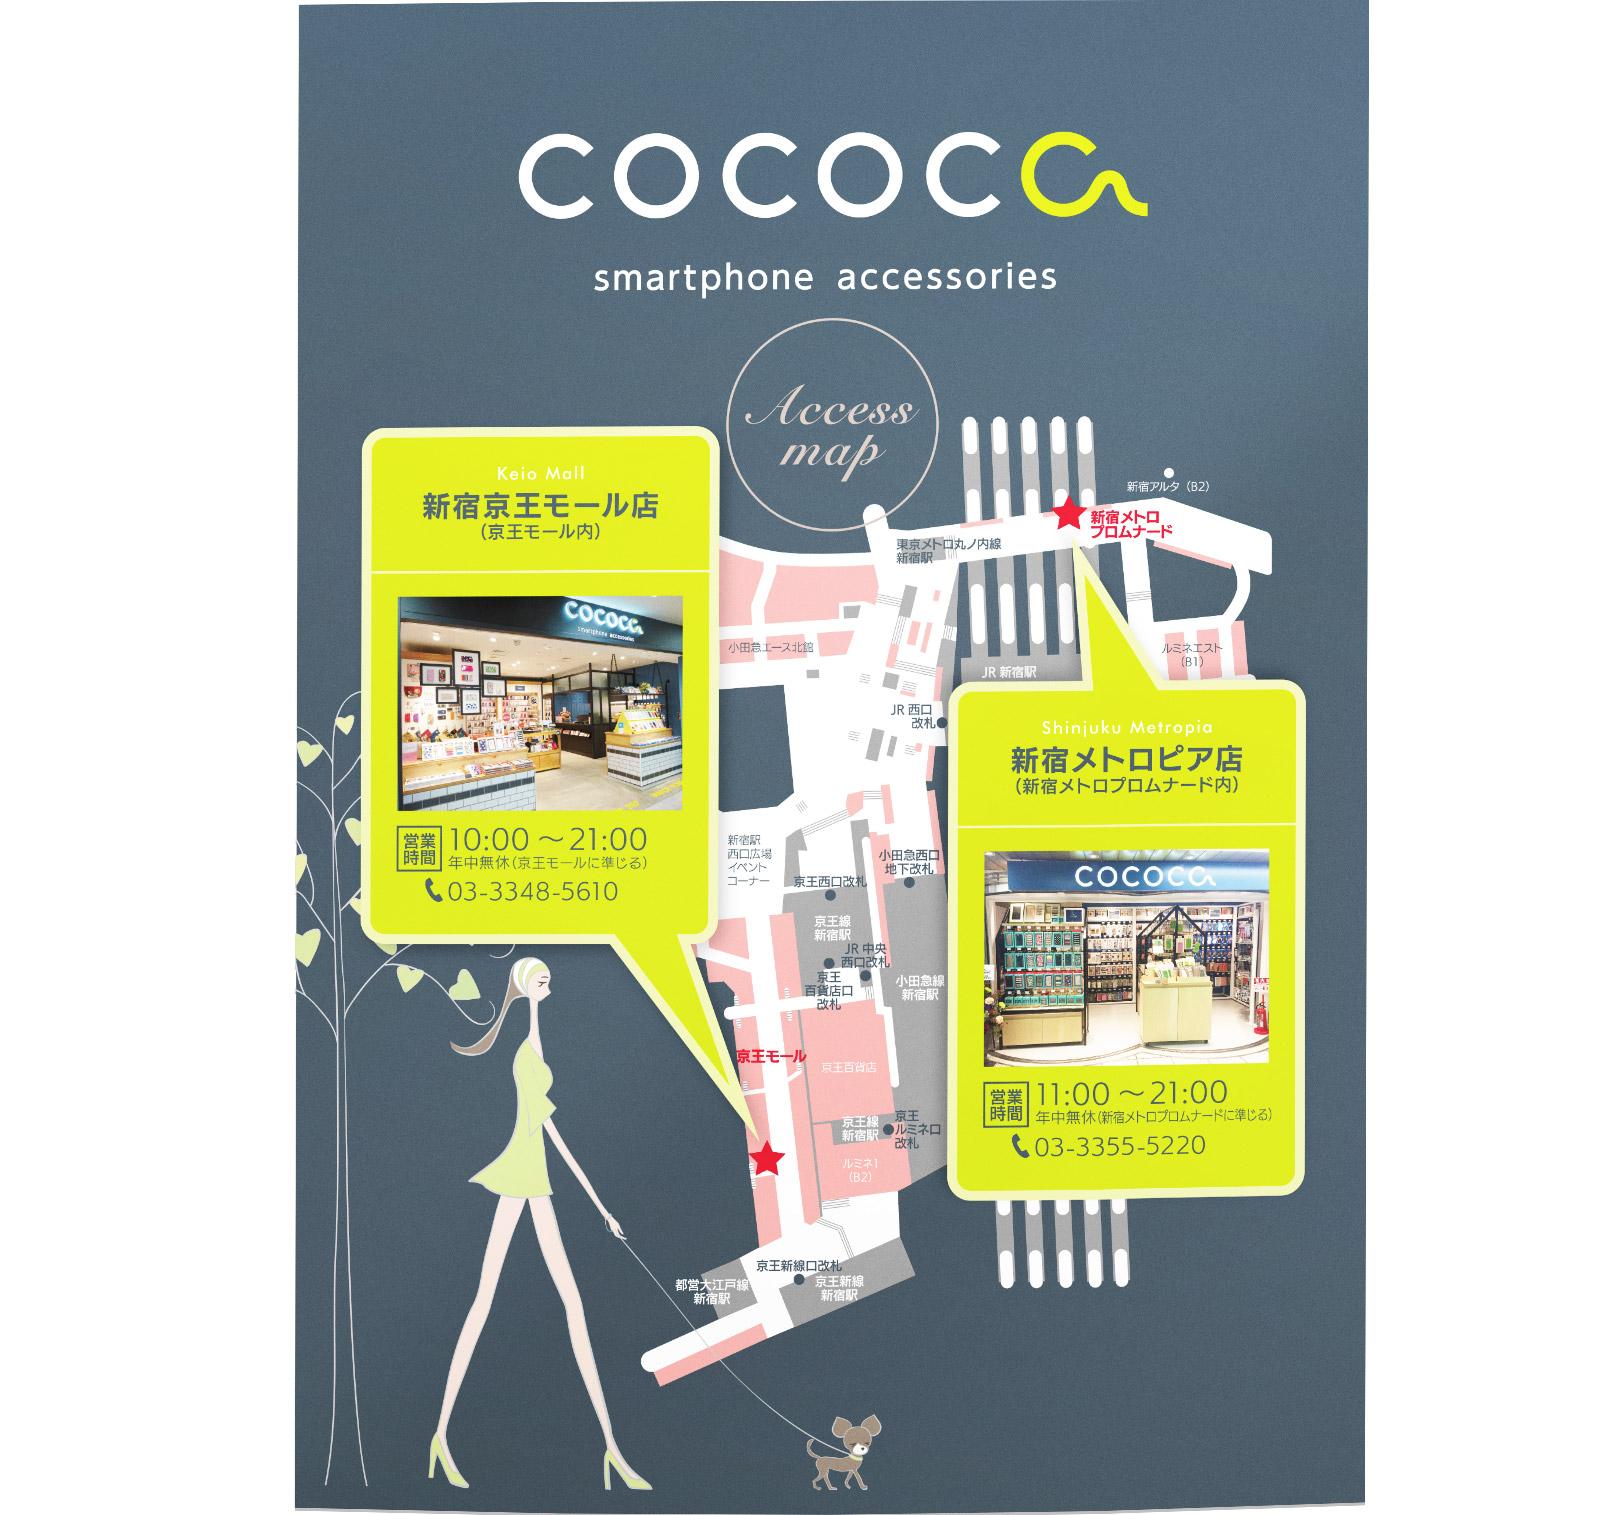 cococa flyer cococaさまa5サイズフライヤーデザイン 03entertainment